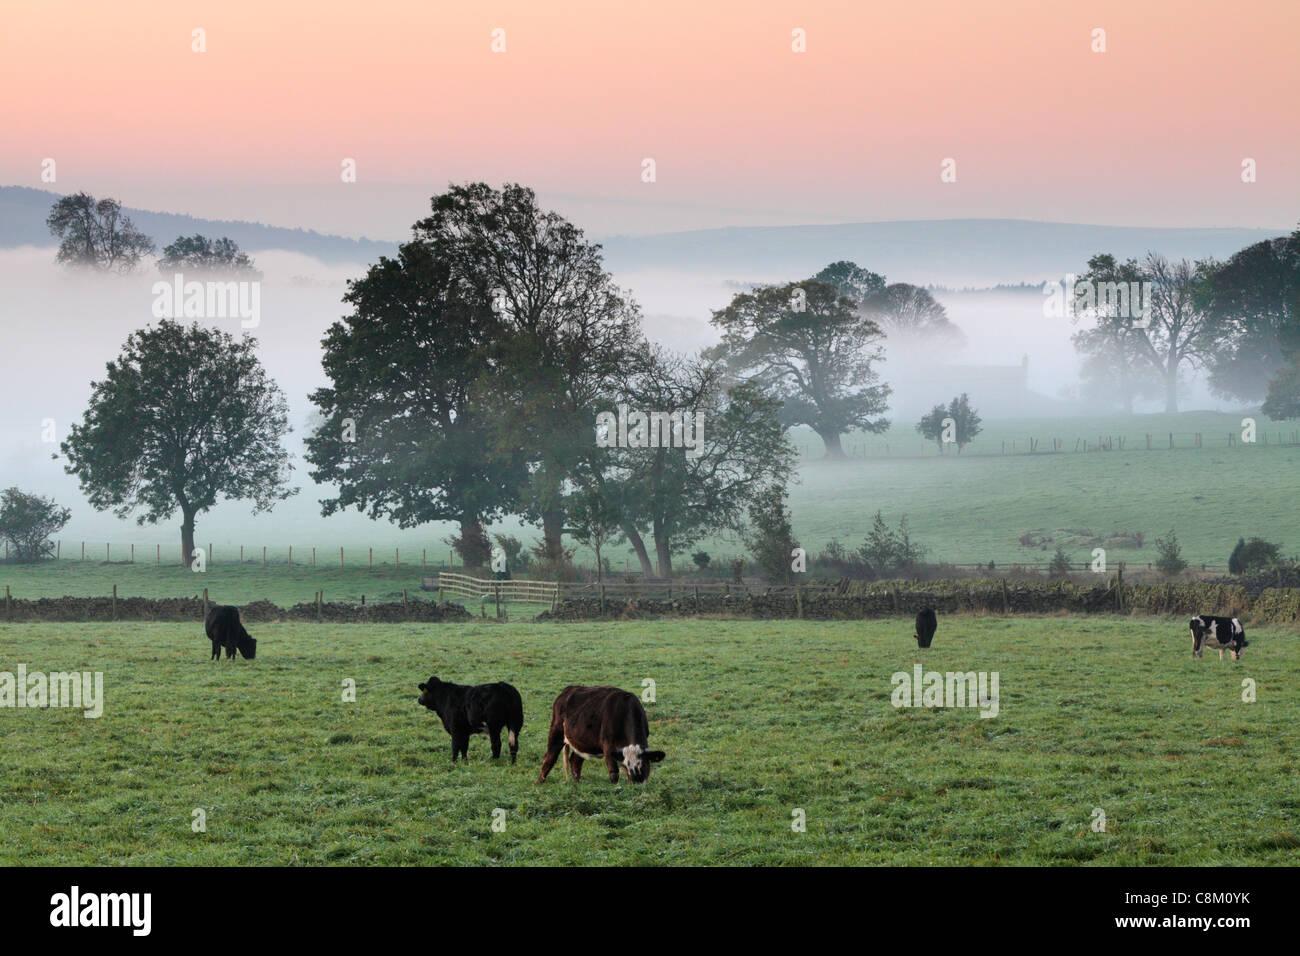 El pastoreo del ganado en los campos cerca de Fewston misty otoño en Yoorkshire, Inglaterra Imagen De Stock